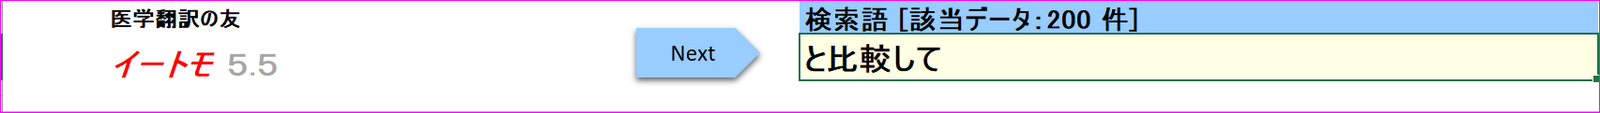 Hikaku1